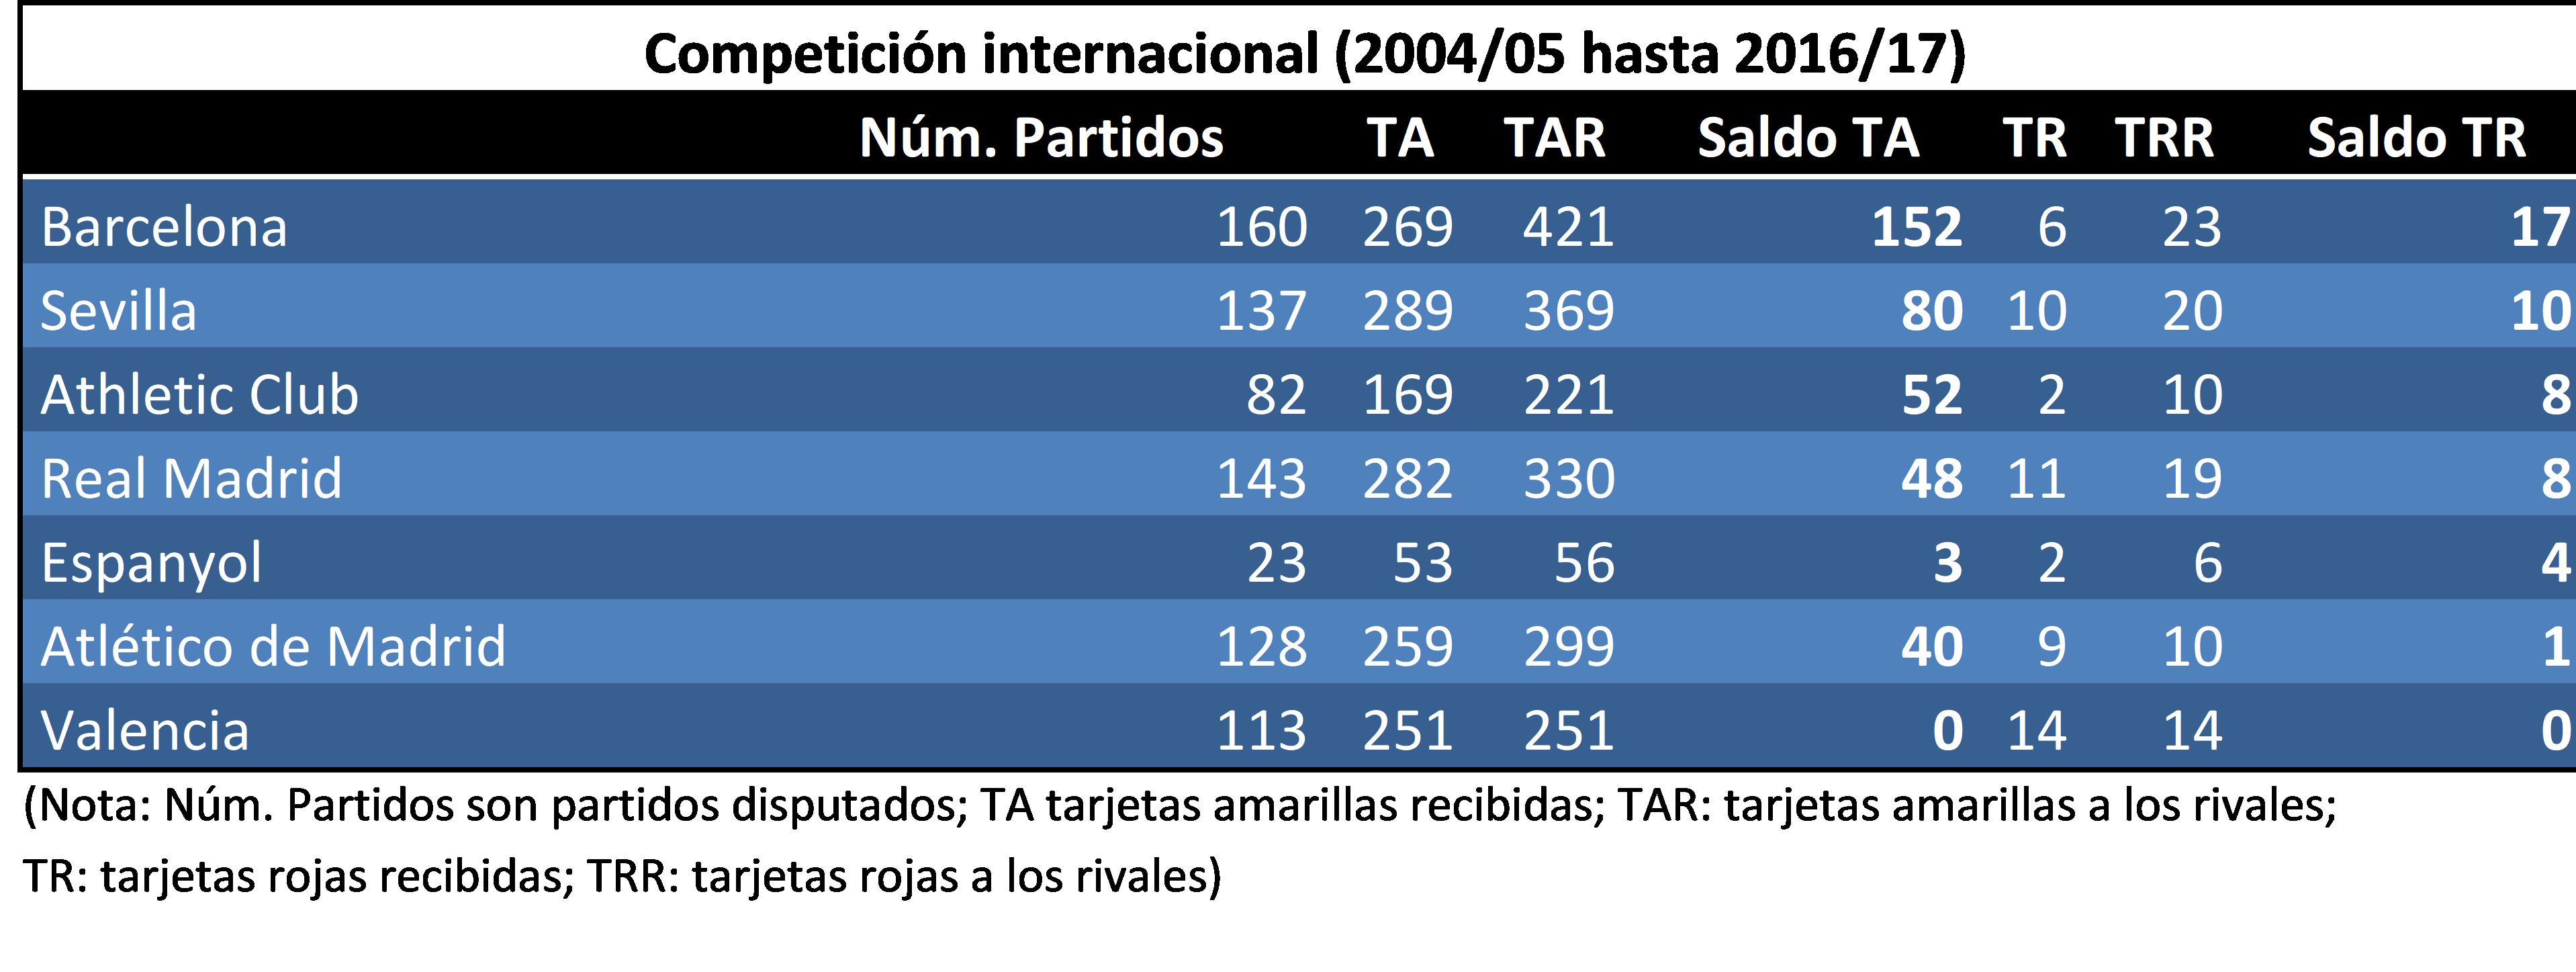 Comparativa en Competición Internacional, de varios equipos españoles, desde 2004/05 a 2016/17